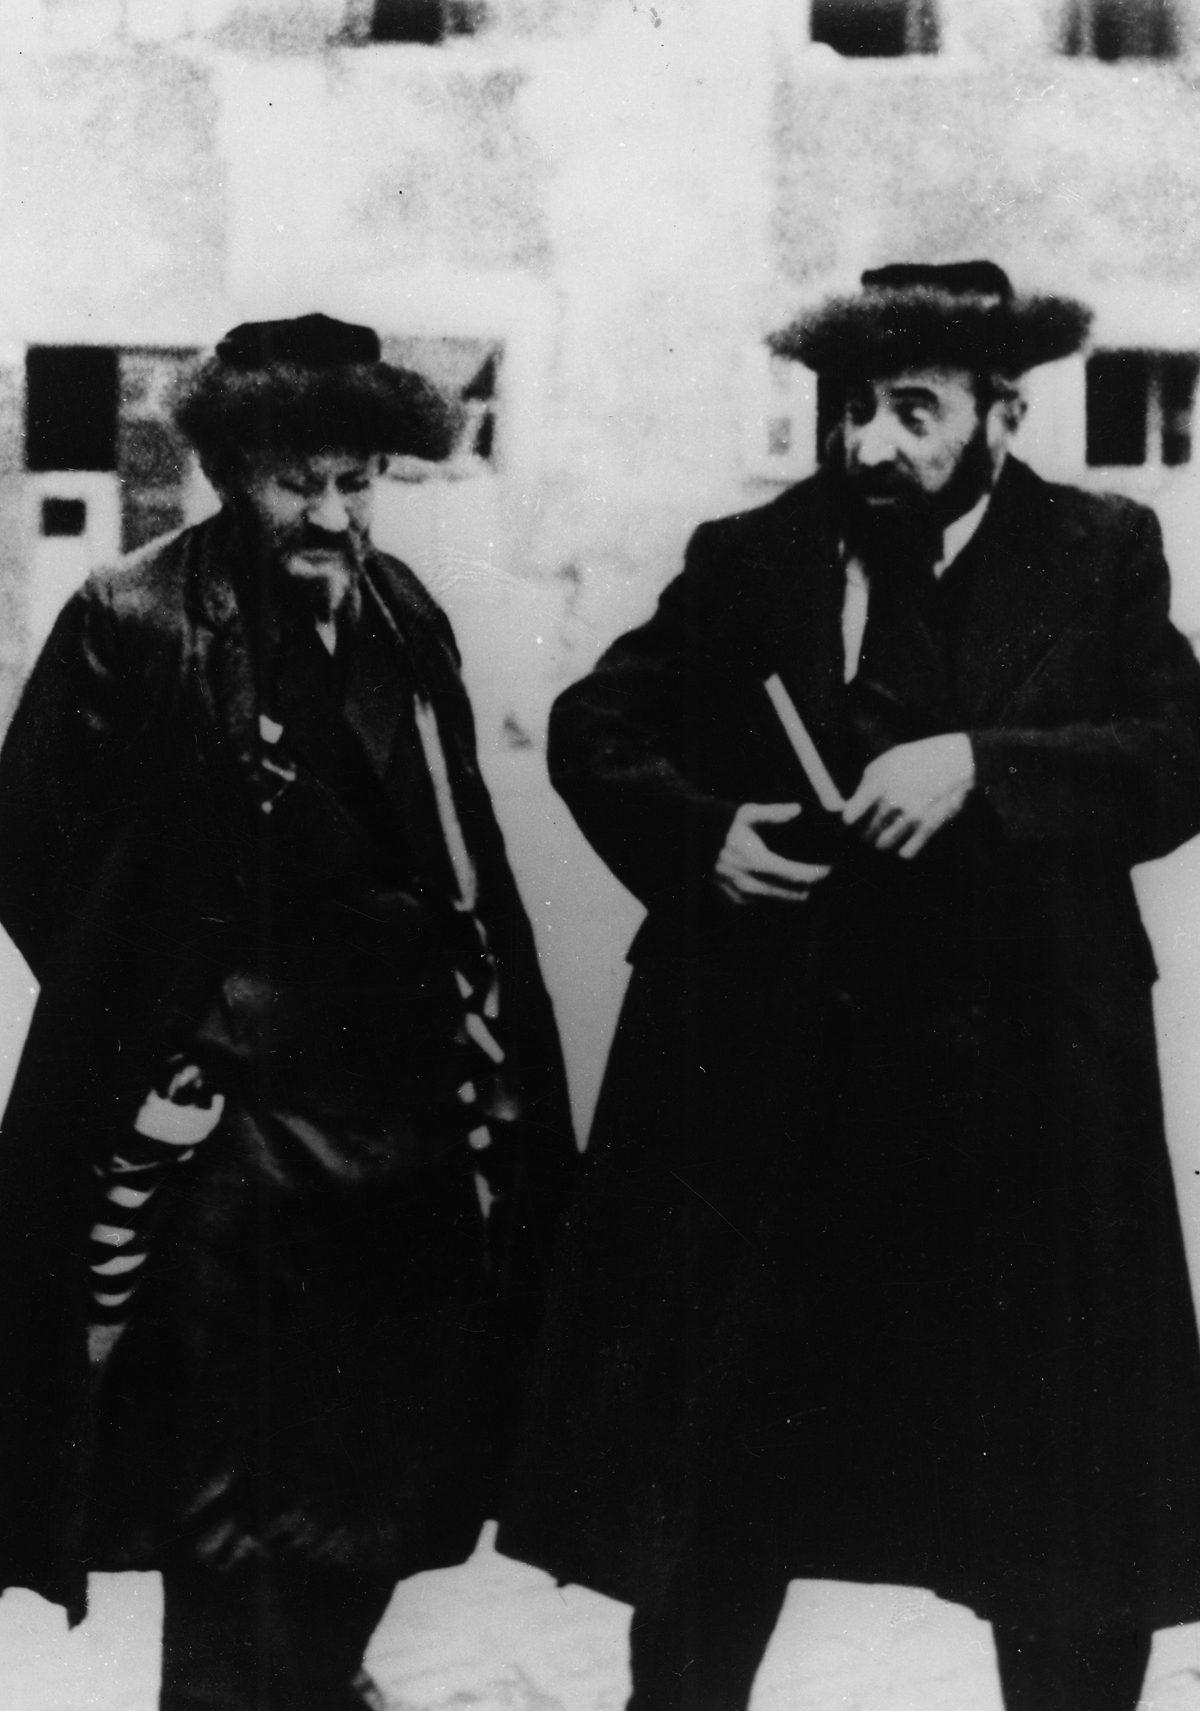 Juifs de Pologne avant l'Holocauste